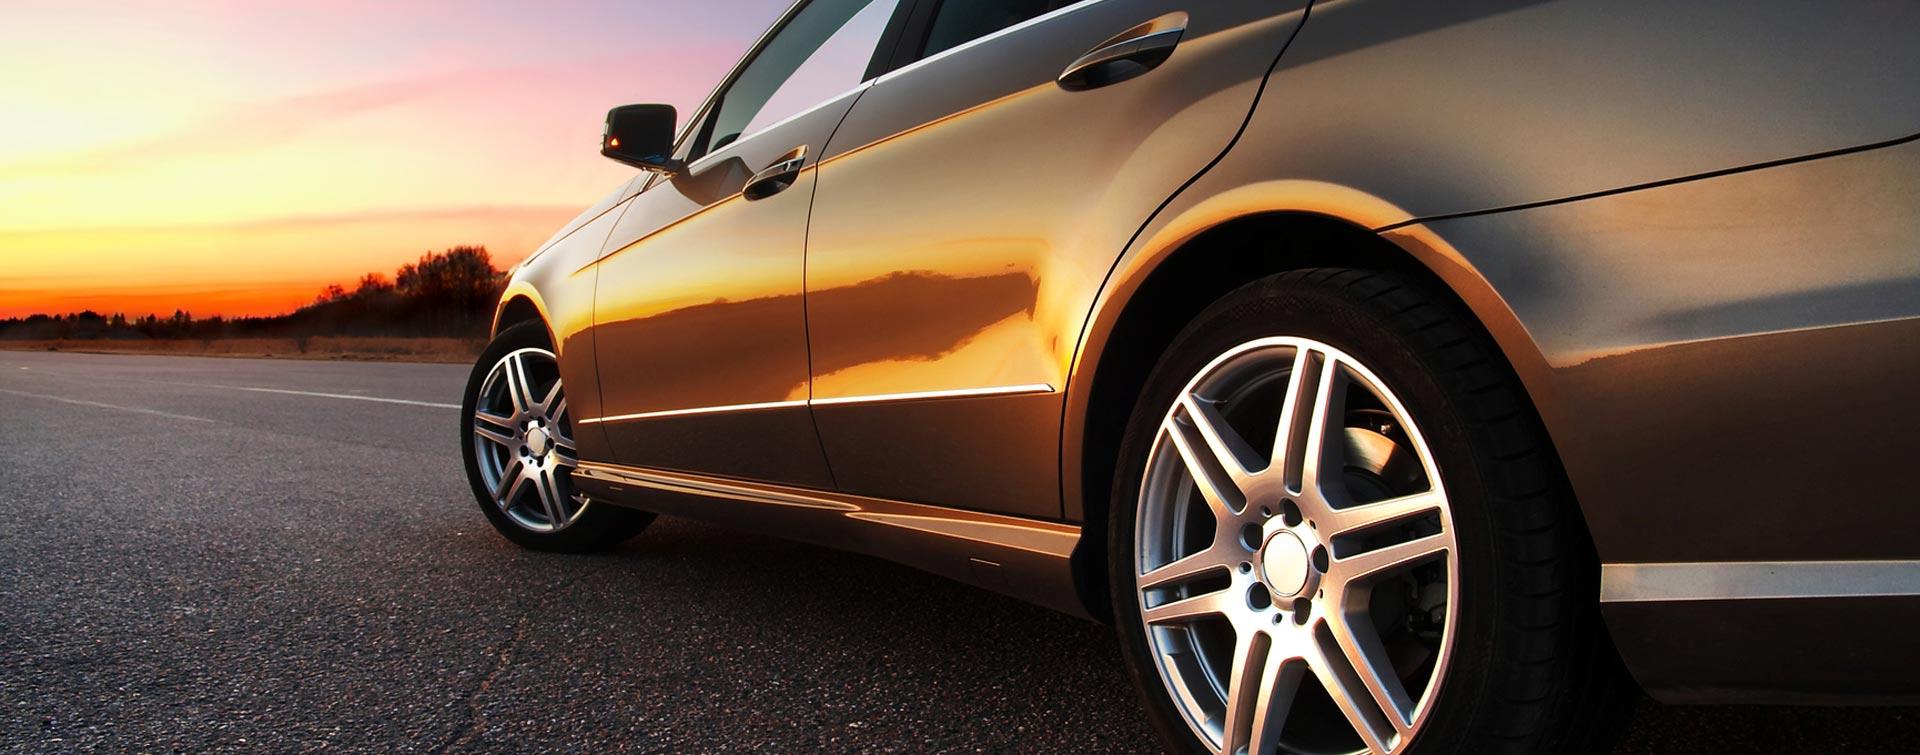 Alinhamento, equilibragem, enchimento com nitrogénio, reparação de furos, montagem e substituição de pneus.